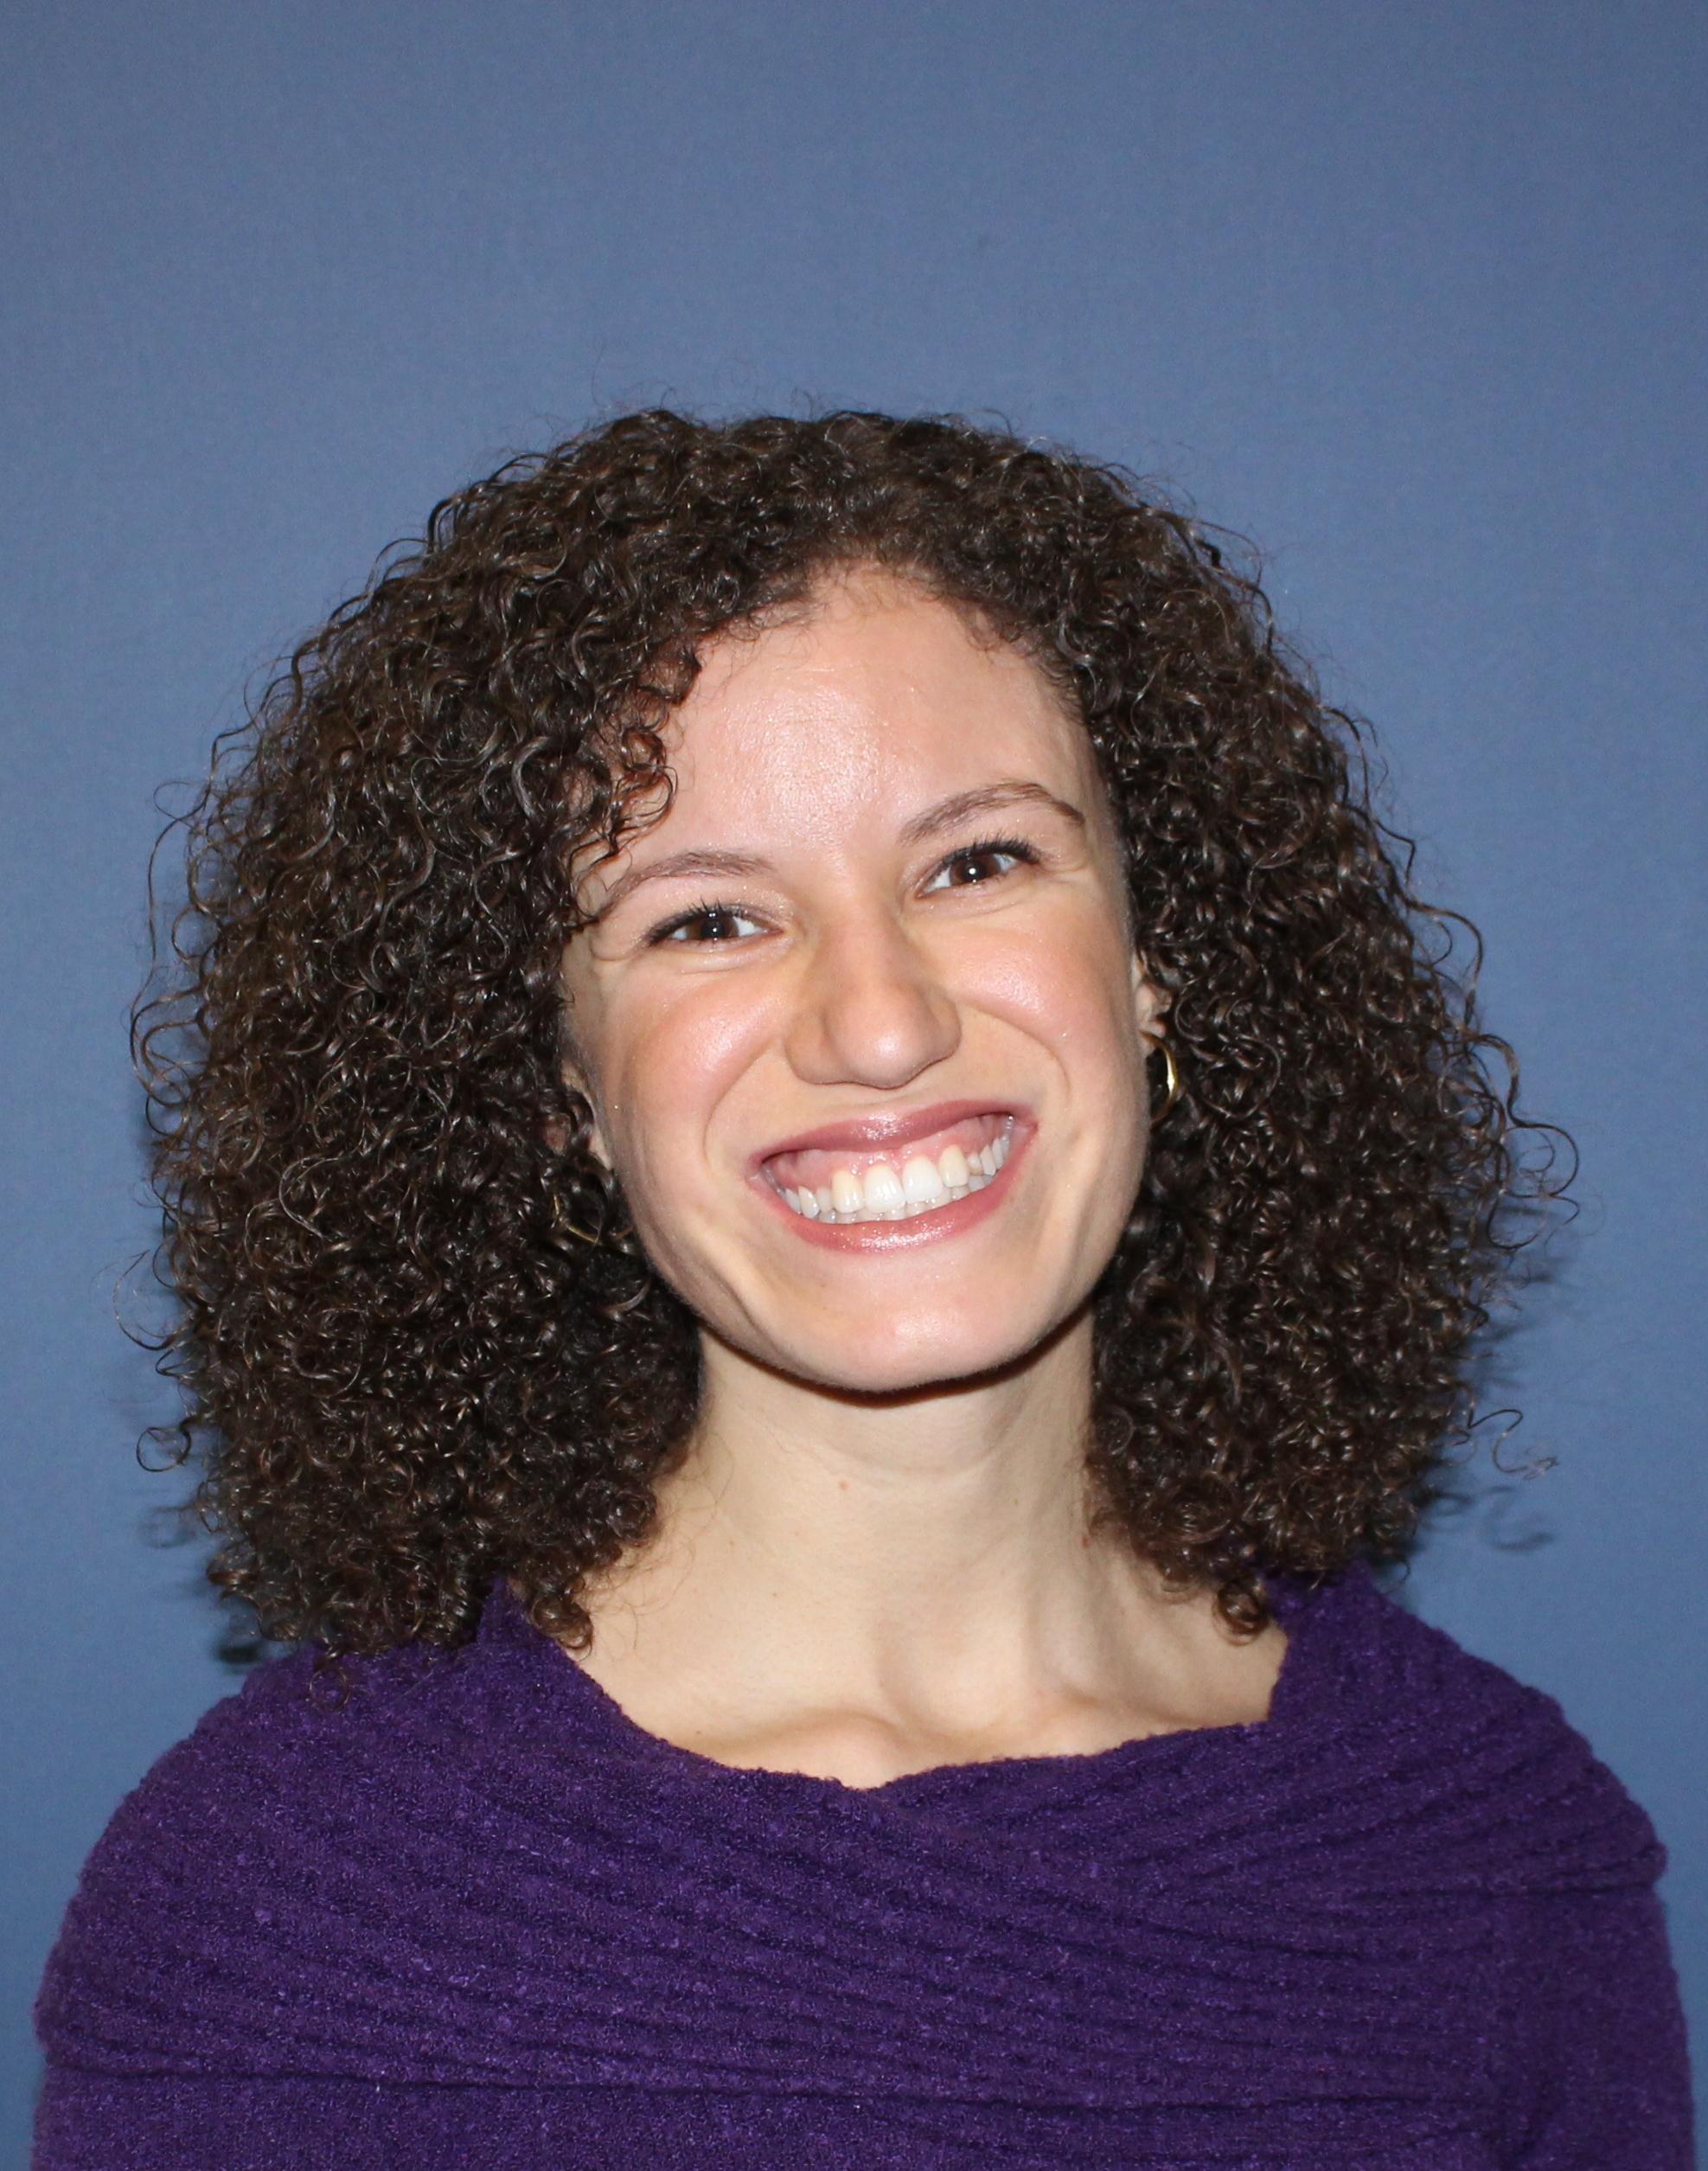 Danielle Correia